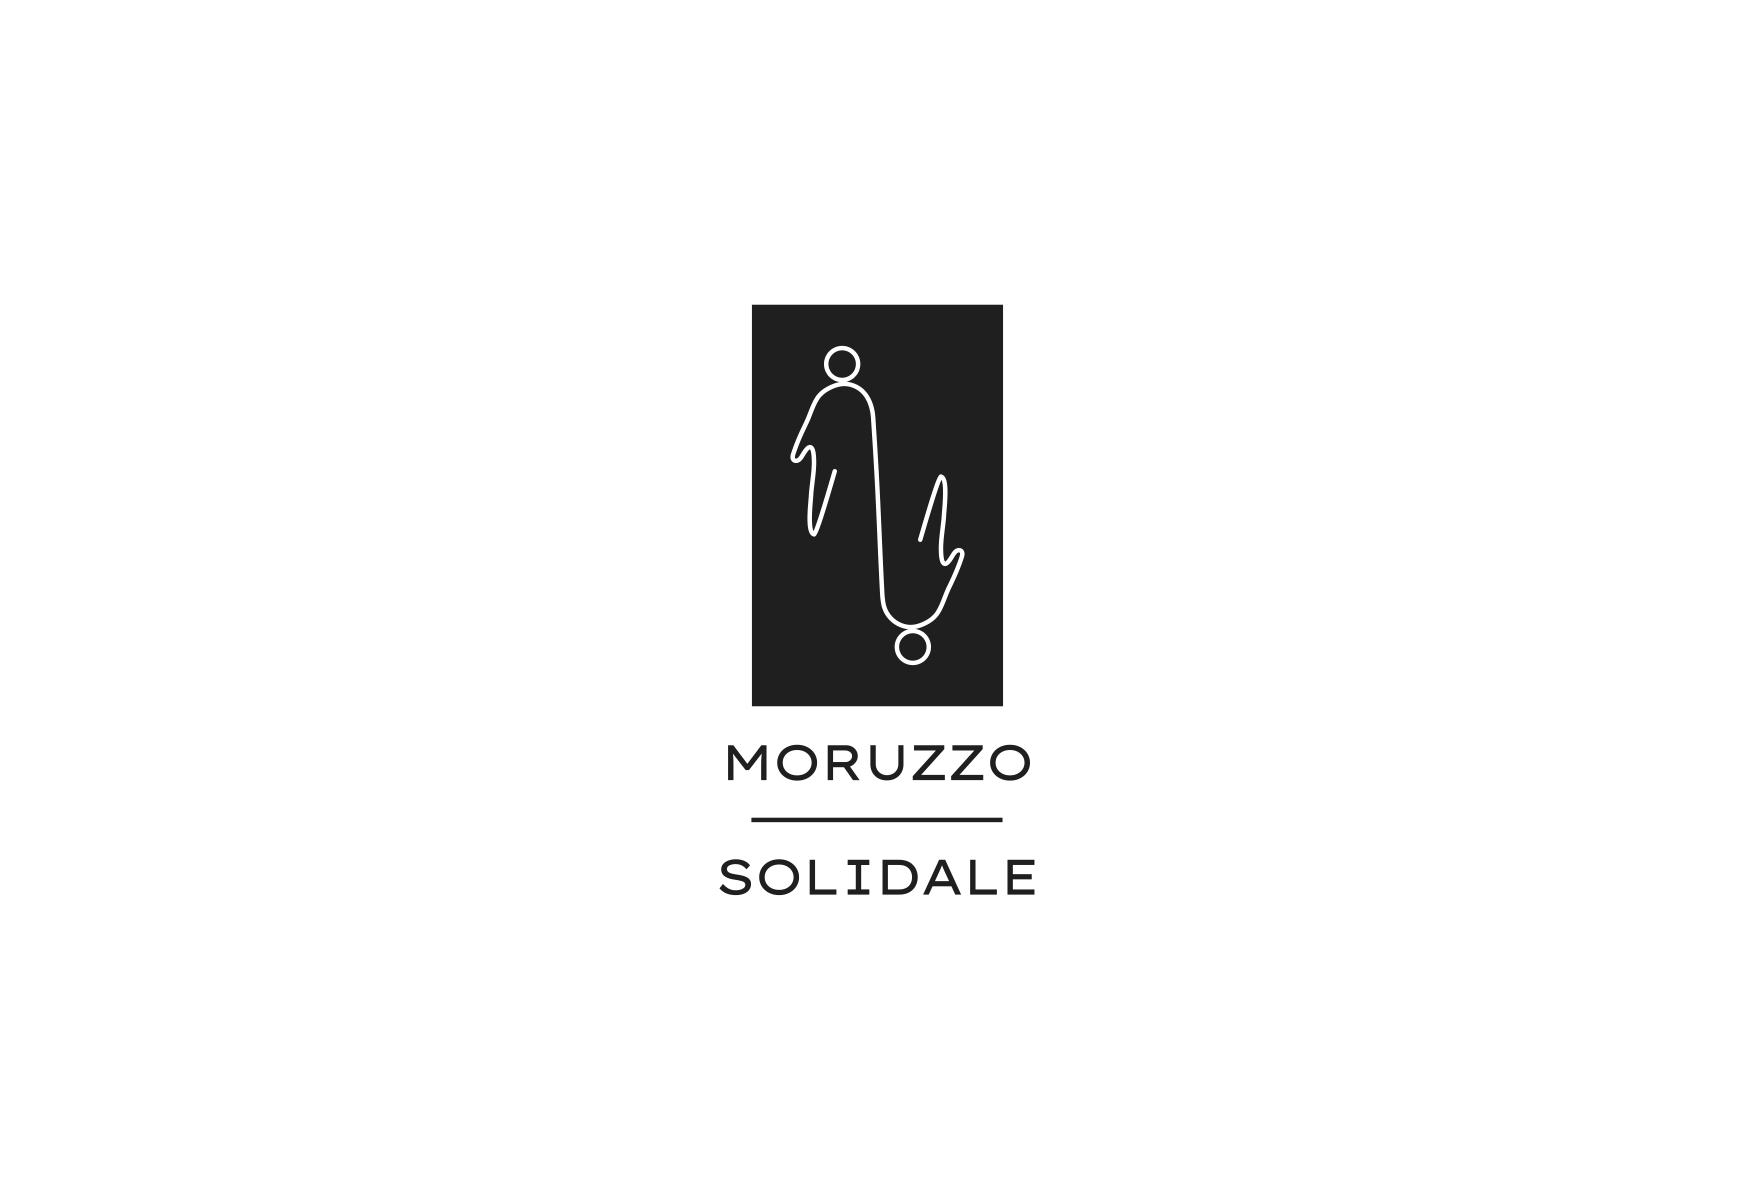 Moruzzo solidale